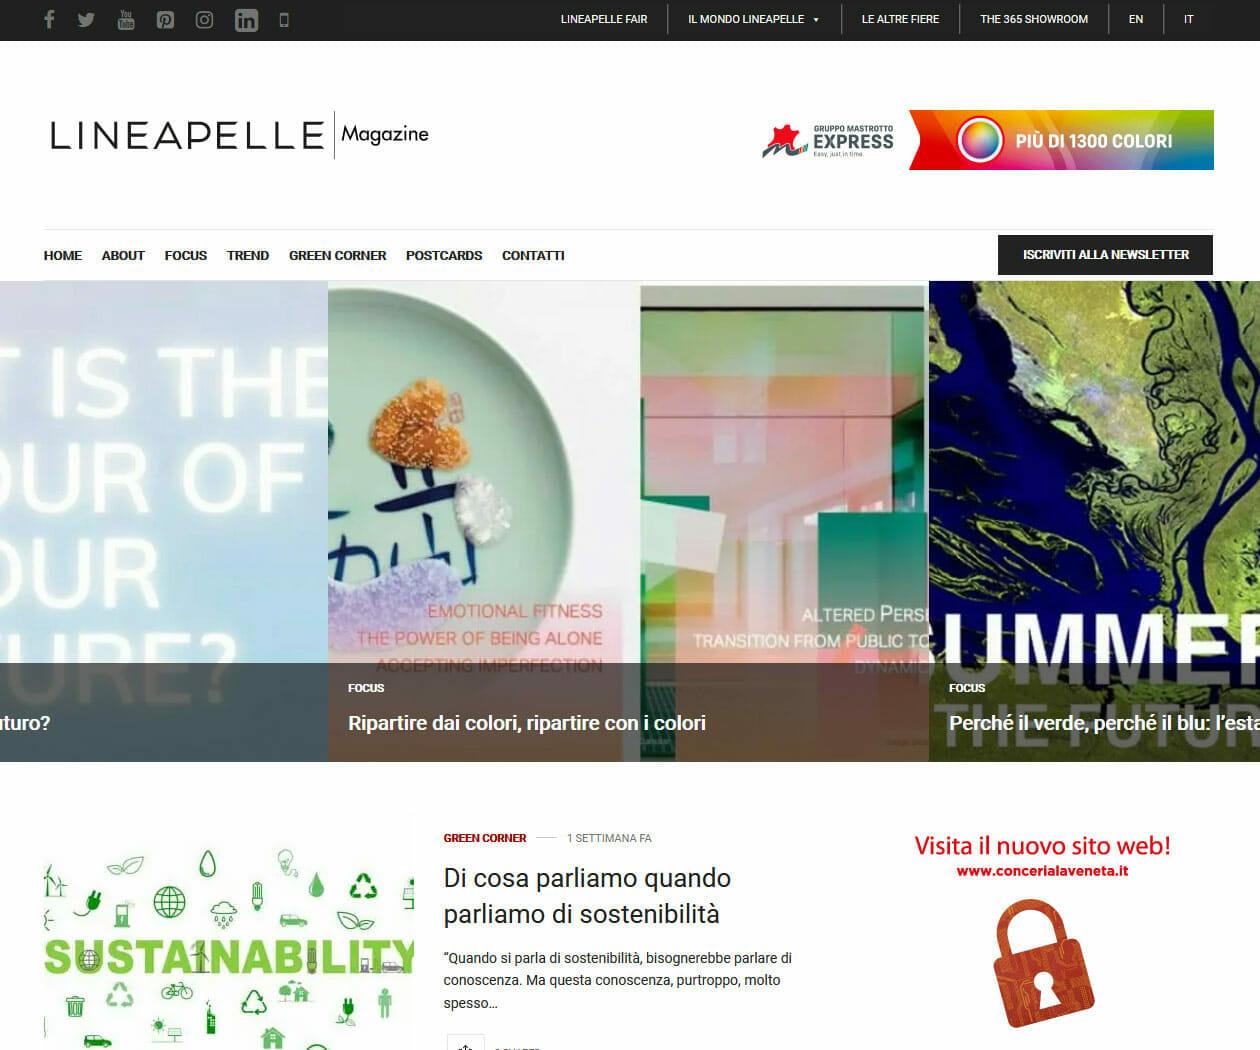 Sito Web Magazine Lineapelle